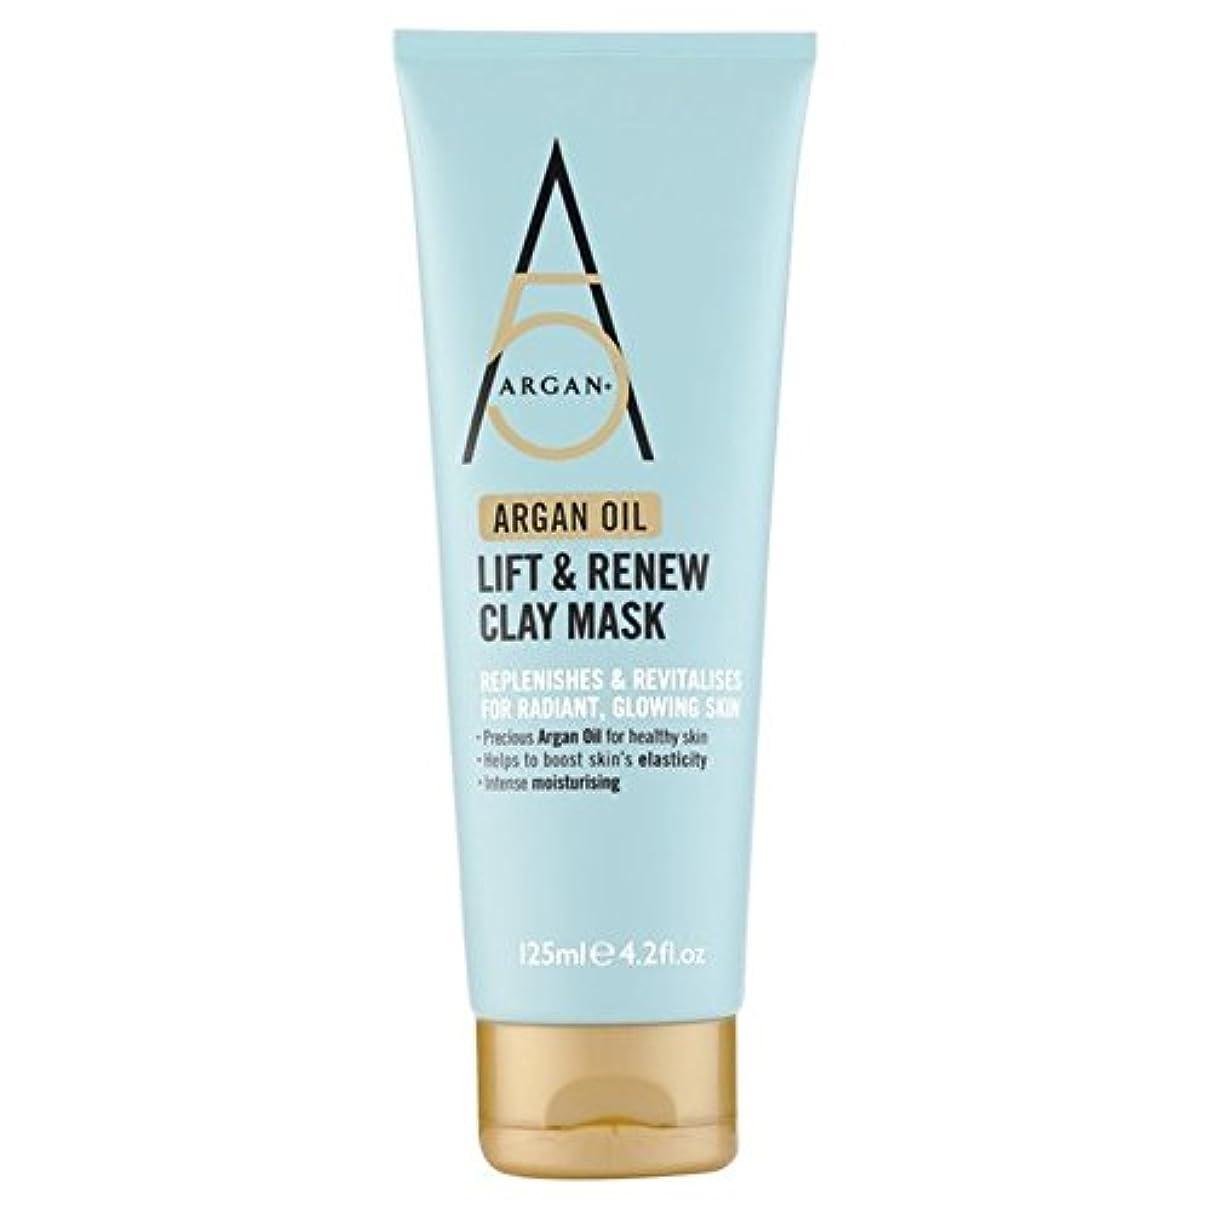 不完全フリース質量Argan+ Lift & Renew Clay Face Mask 125ml (Pack of 6) - アルガン+リフト&クレイフェイスマスク125ミリリットルを更新 x6 [並行輸入品]